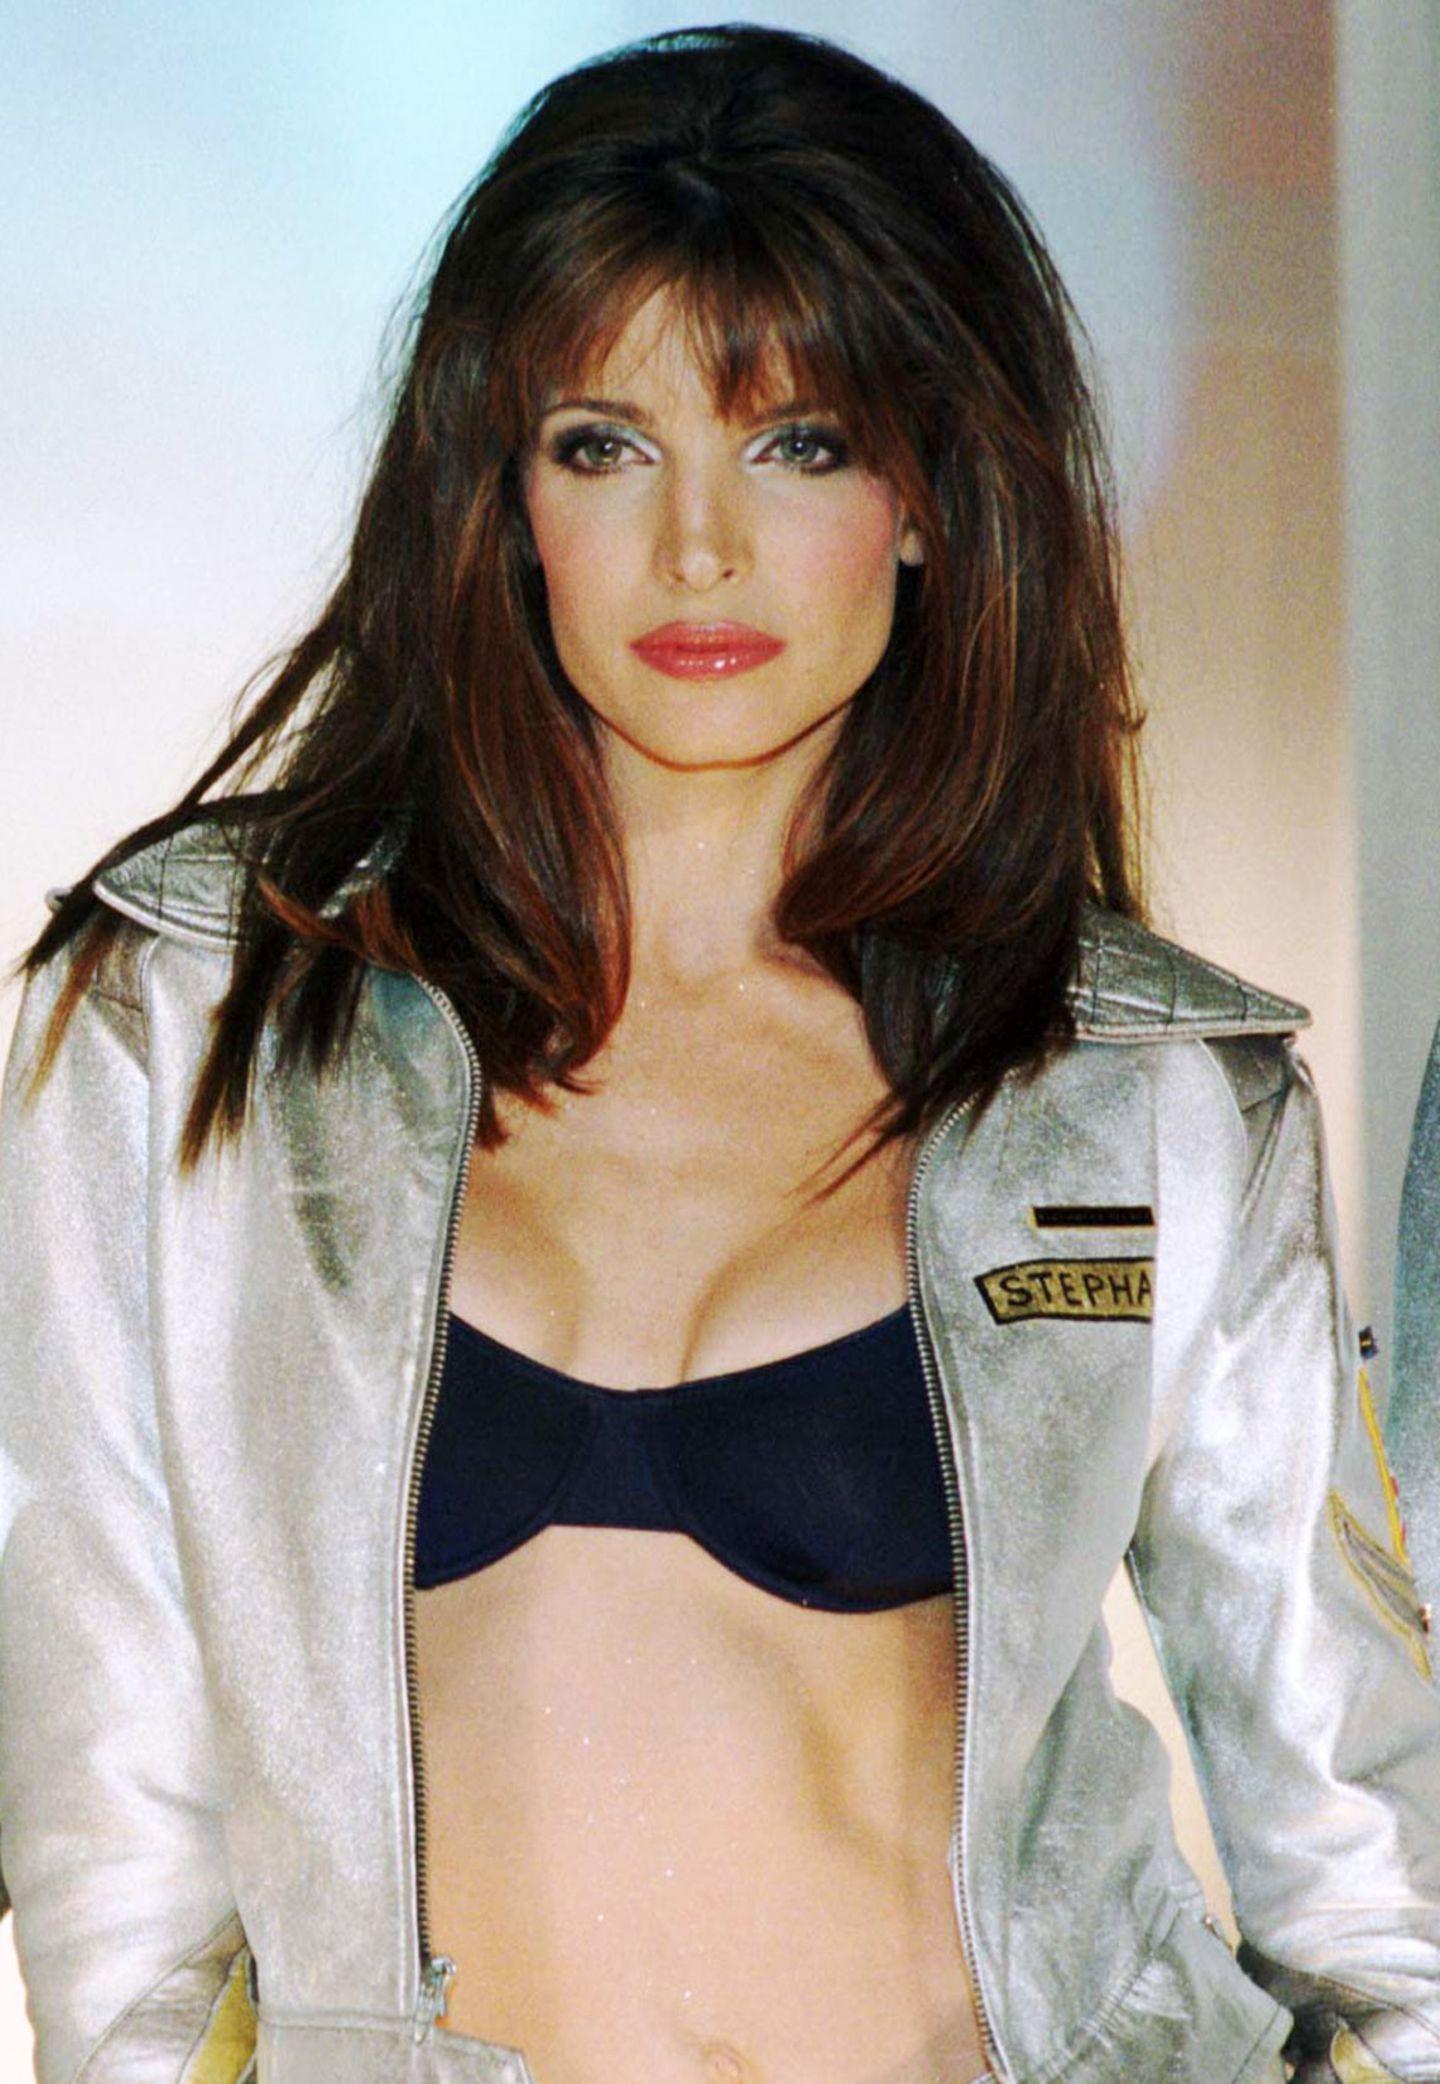 """Bereits im Teenageralter startete die Kalifornierin Stephanie Seymour ihre Modelkarriere. L'Oréal, Chanel und Versace gehörten zu ihren Auftraggebern. Bis heute legendär: Seymours Auftritt im Musikvideo zur Single """"November Rain"""" von Guns N'Roses."""